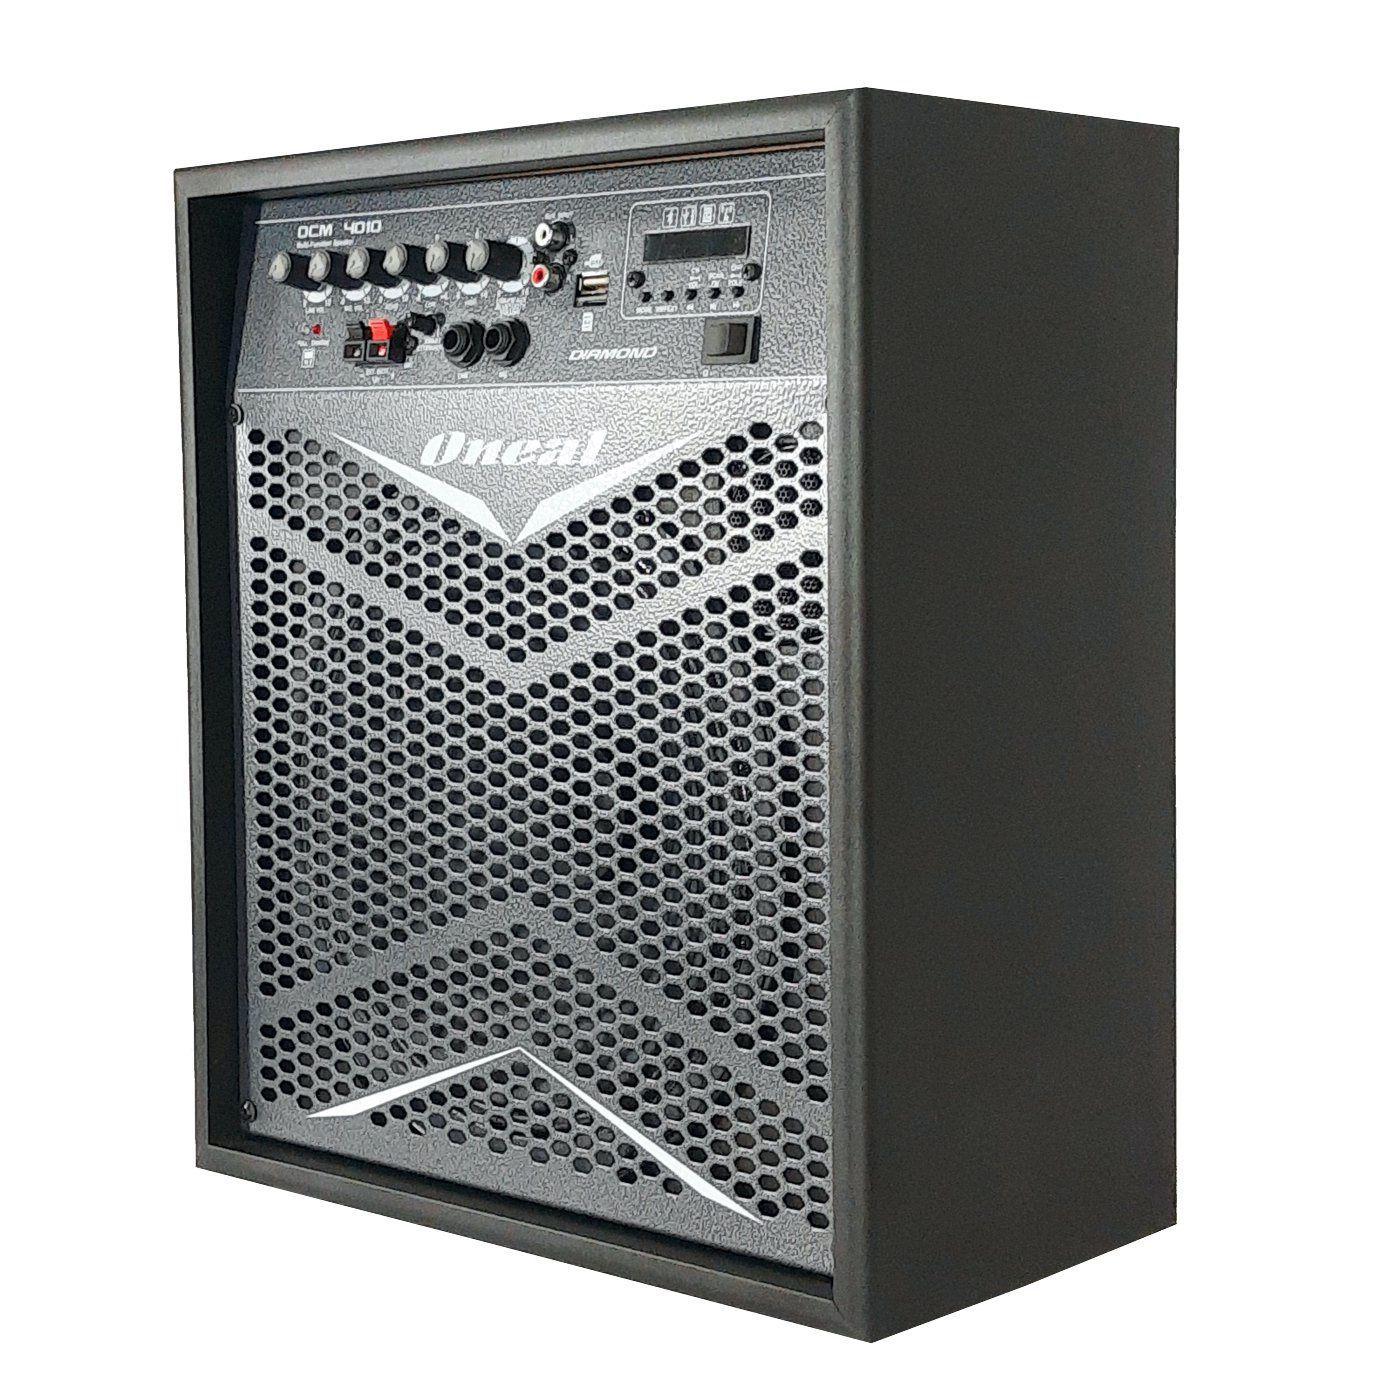 Caixa de Som Multiuso Oneal Ocm4010 Pt